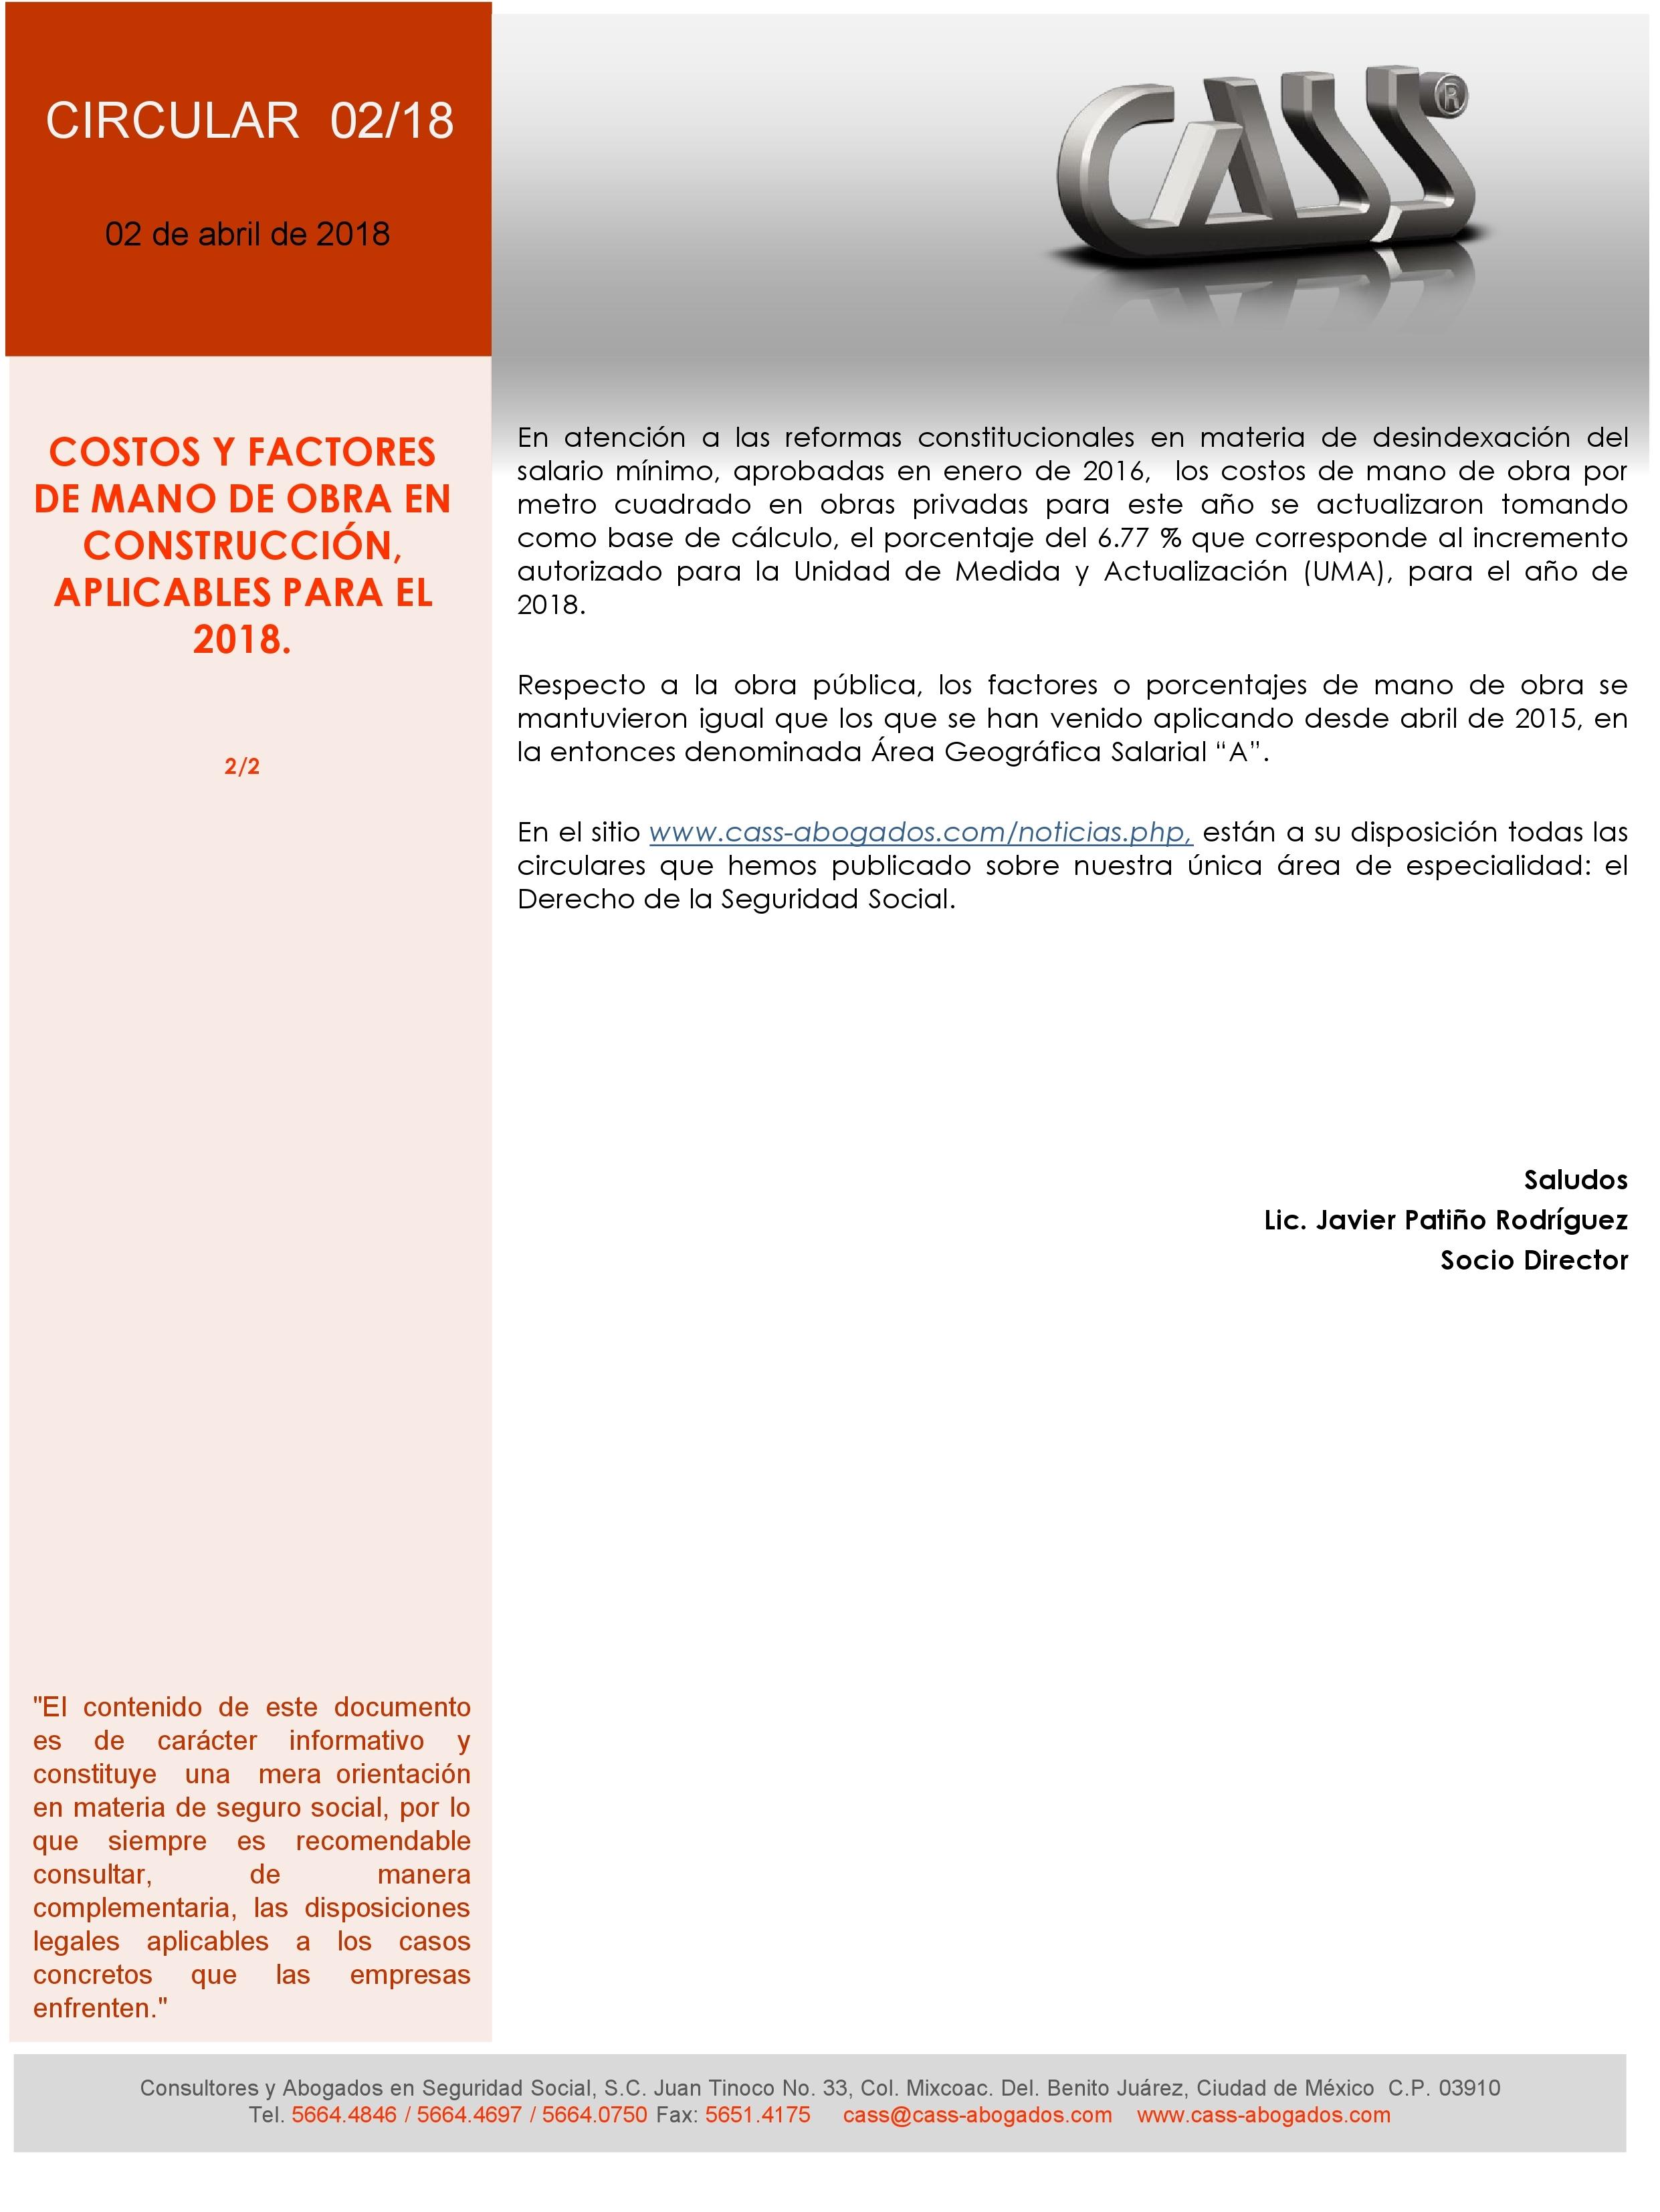 02-18 COSTOS Y FACTORES DE MANO DE OBRA EN CONSTRUCCION, APLICABLES PARA 2018.pdf_page_2